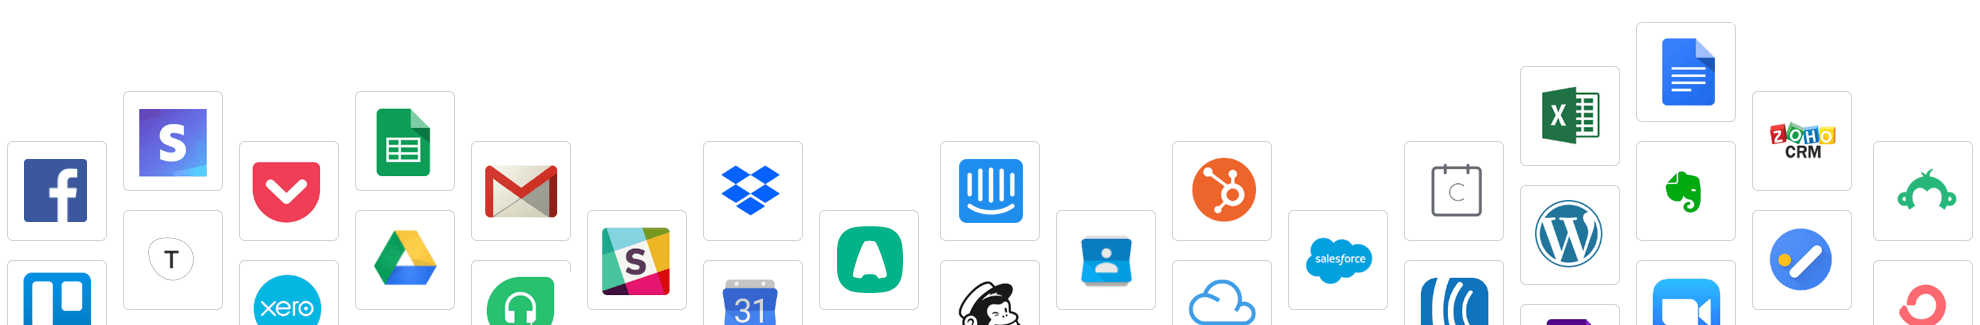 Sakari SMS integration icons